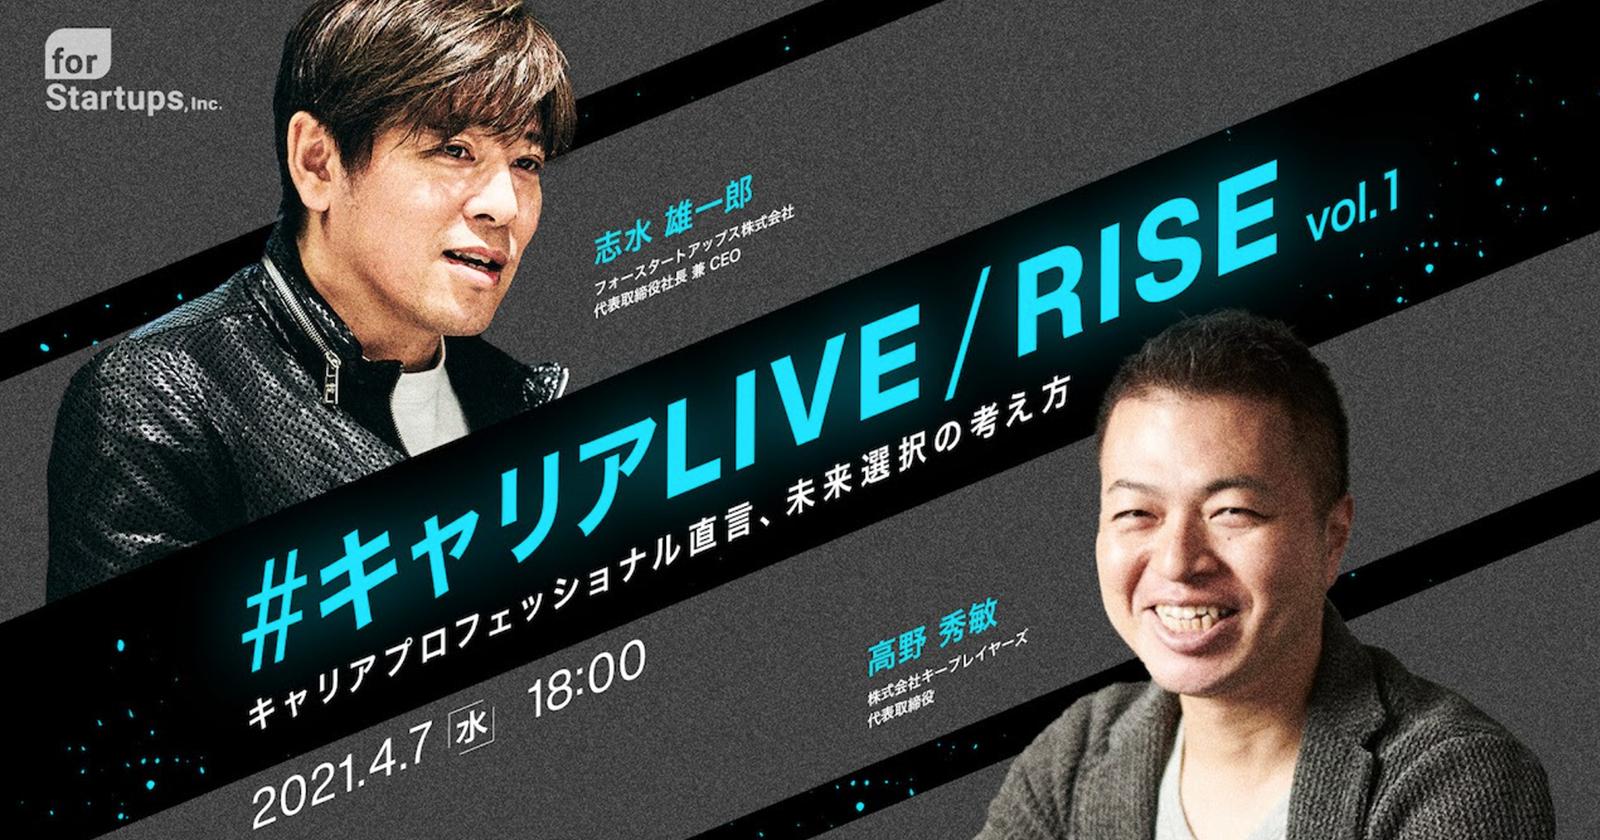 【イベント】 #キャリアLIVE/ RISE 〜キャリアプロフェッショナル直言、未来選択の考え方〜